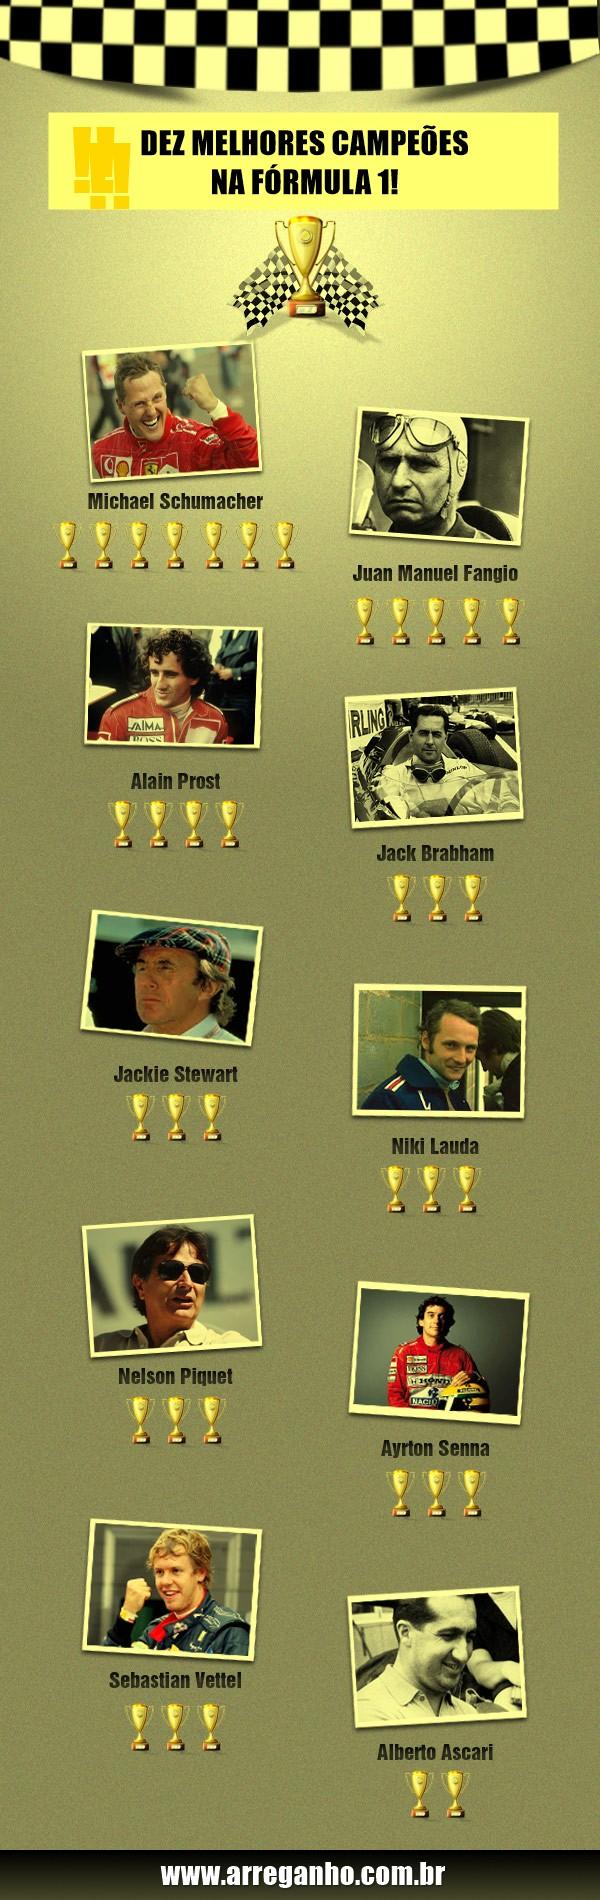 10 Melhores Campeões de Fórmula 1!